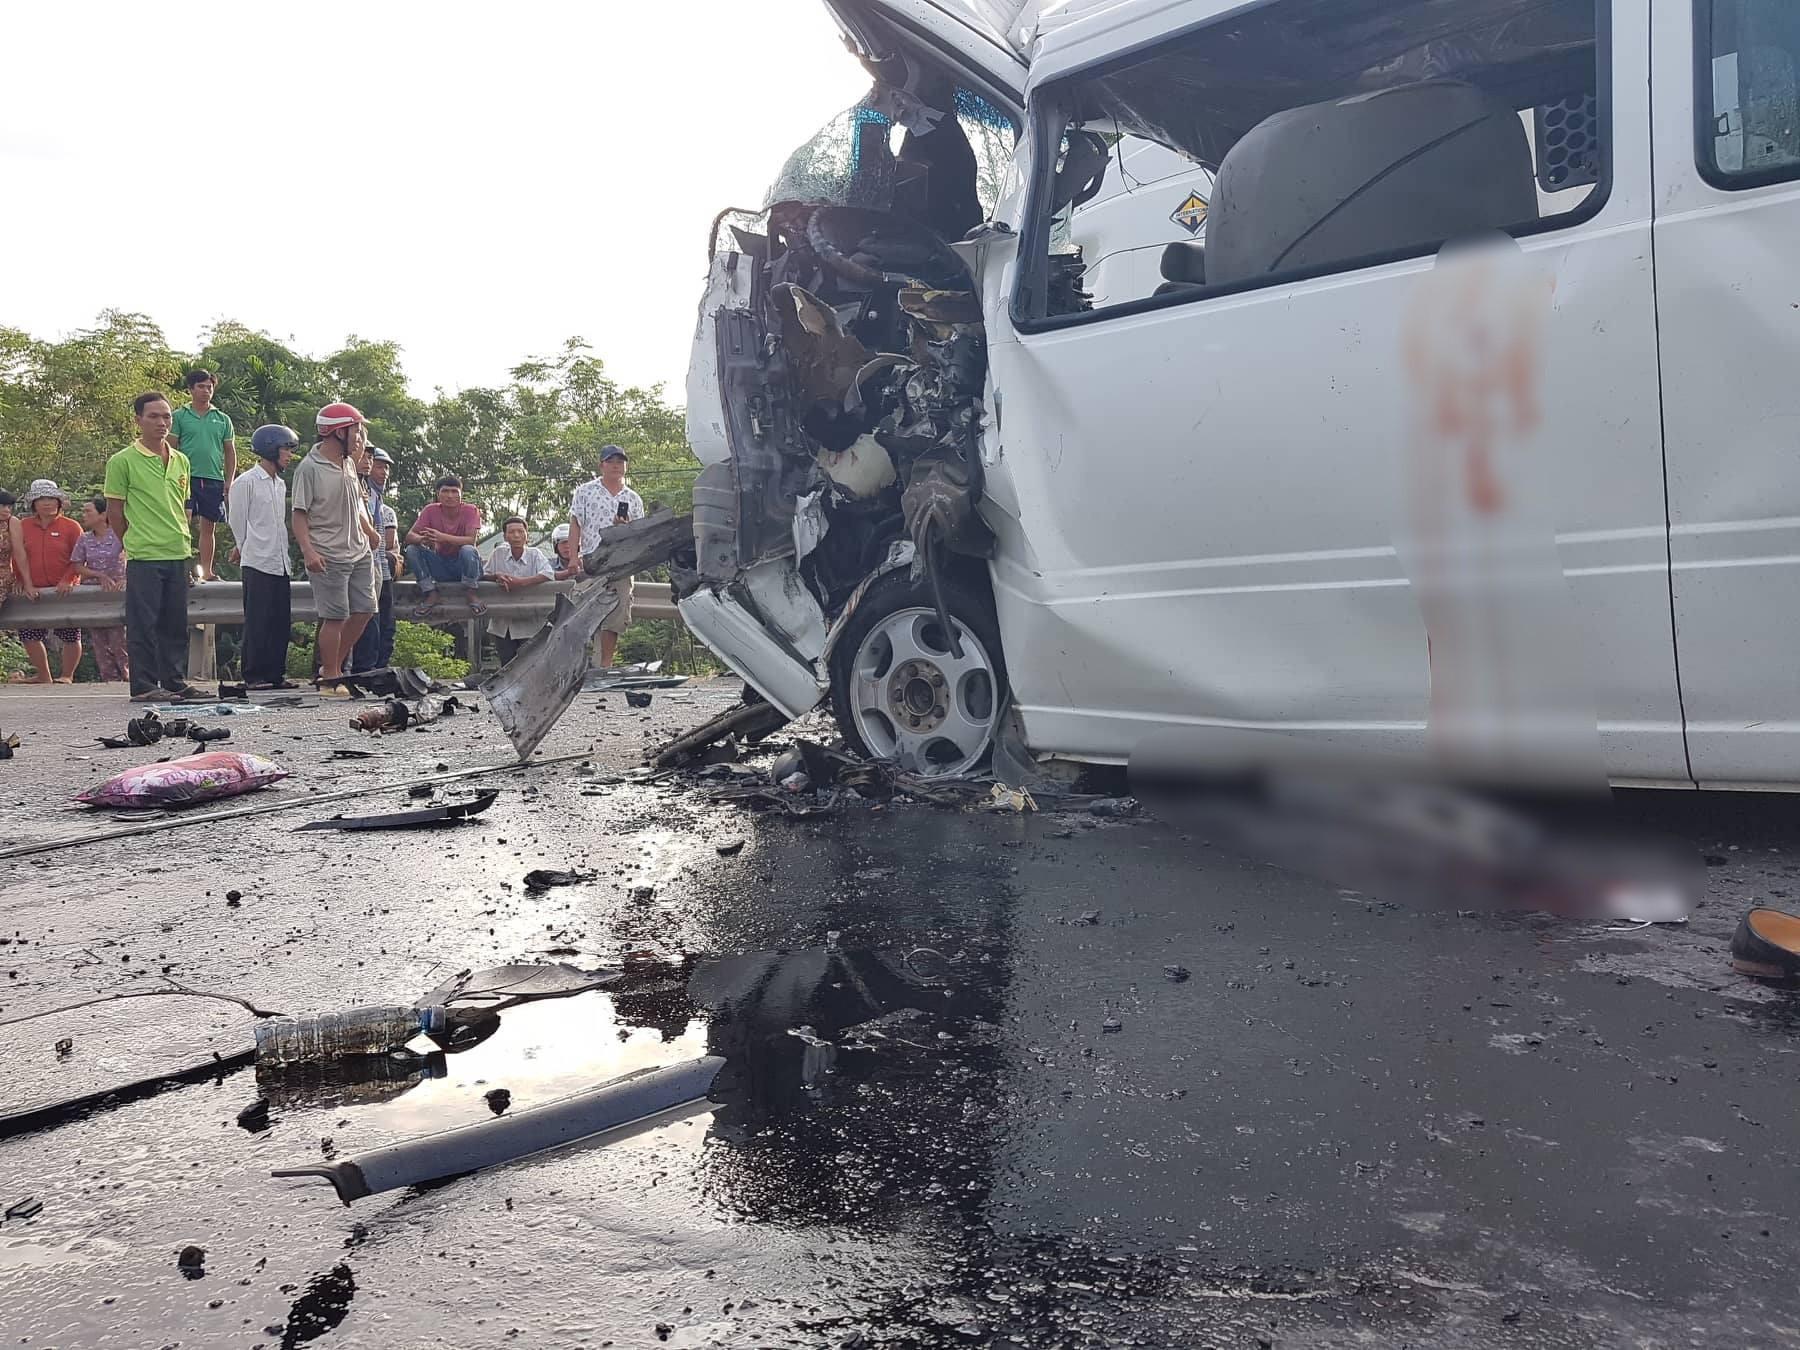 Ảnh: Hiện trường vụ xe rước dâu gặp tai nạn thảm khốc khiến chú rể và 12 người tử vong - Ảnh 8.